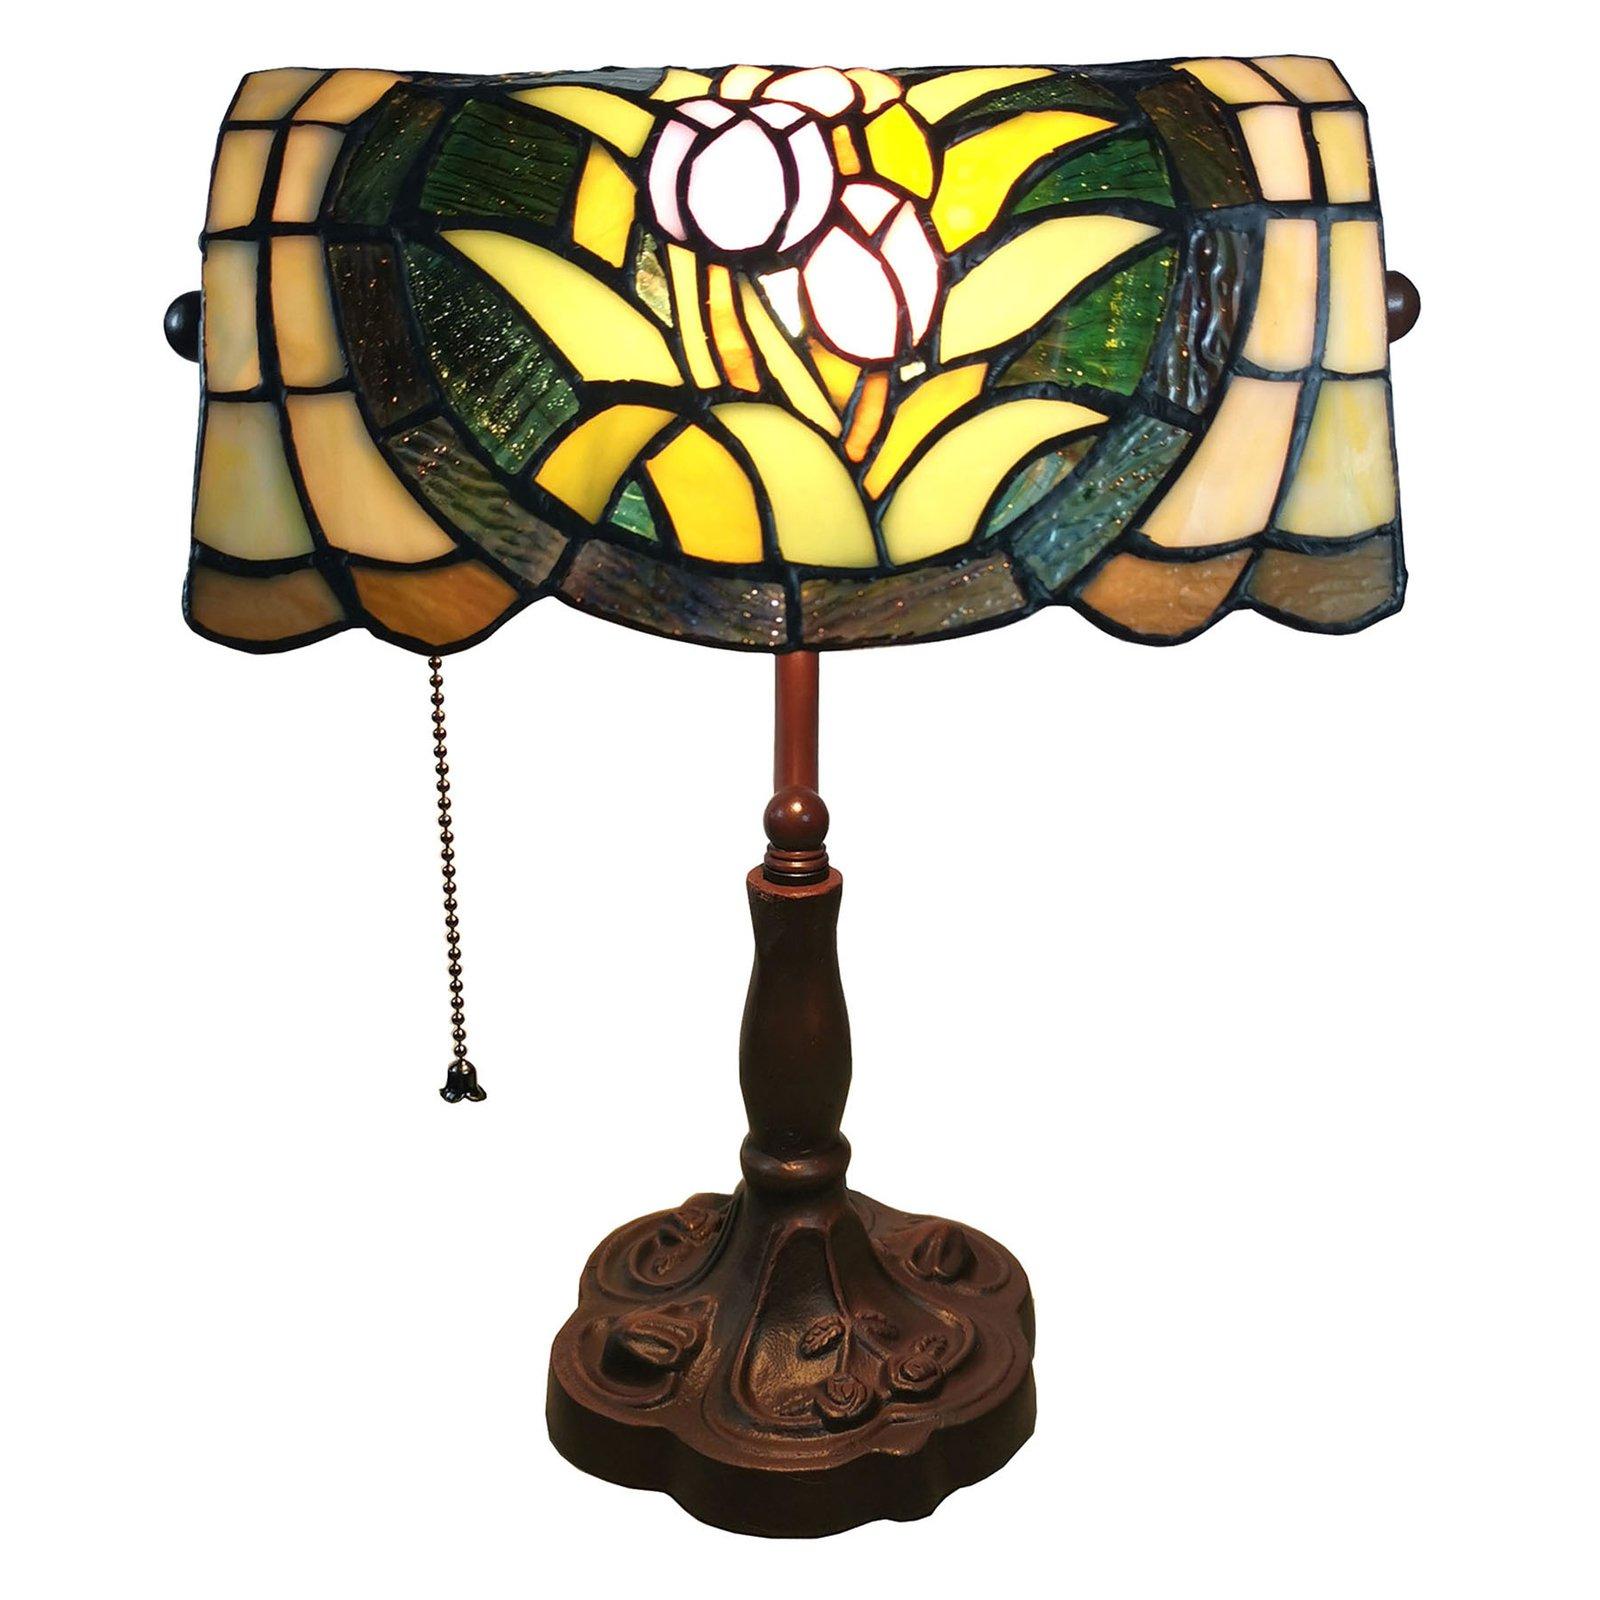 6013 bordlampe med blomsterdekor. i Tiffany-look